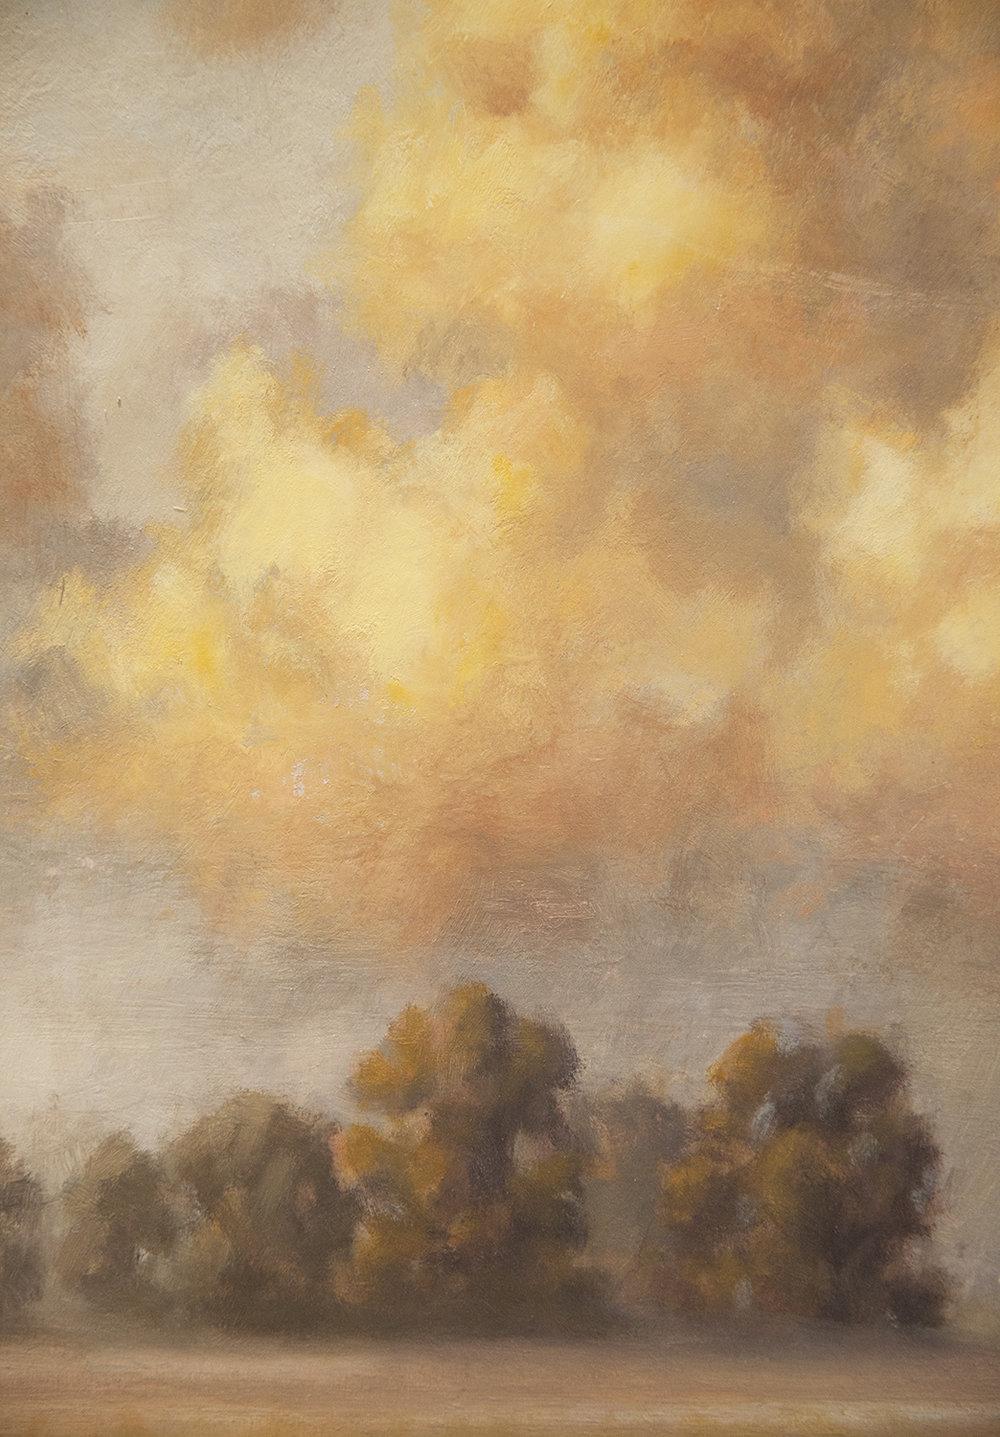 Original Oil on Wood - $625.00